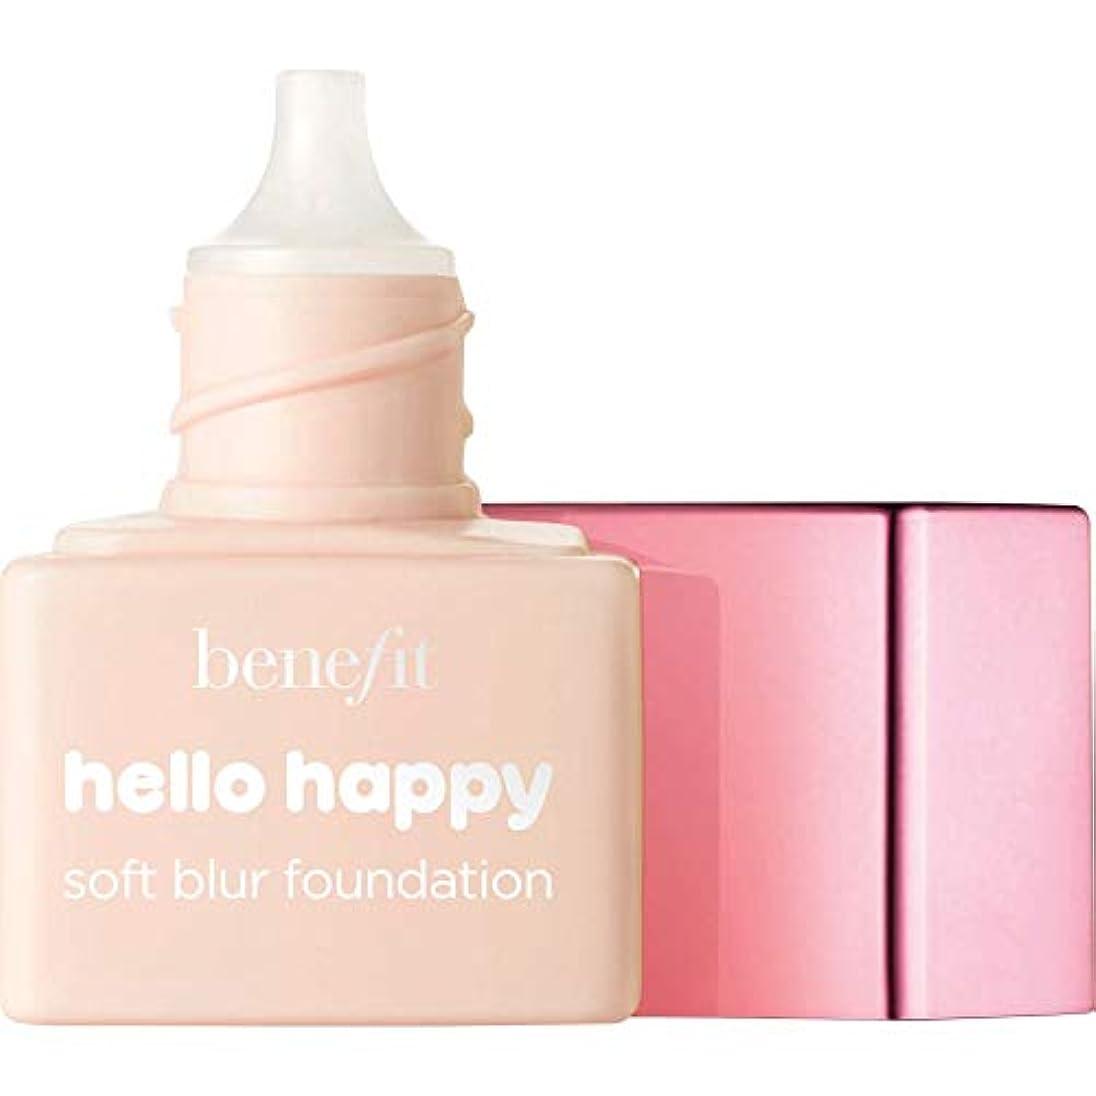 時折ヒゲ笑[Benefit ] 利益こんにちは幸せなソフトブラー基礎Spf15の6ミリリットル - ミニ1 - フェアクール - Benefit Hello Happy Soft Blur Foundation SPF15 6ml...